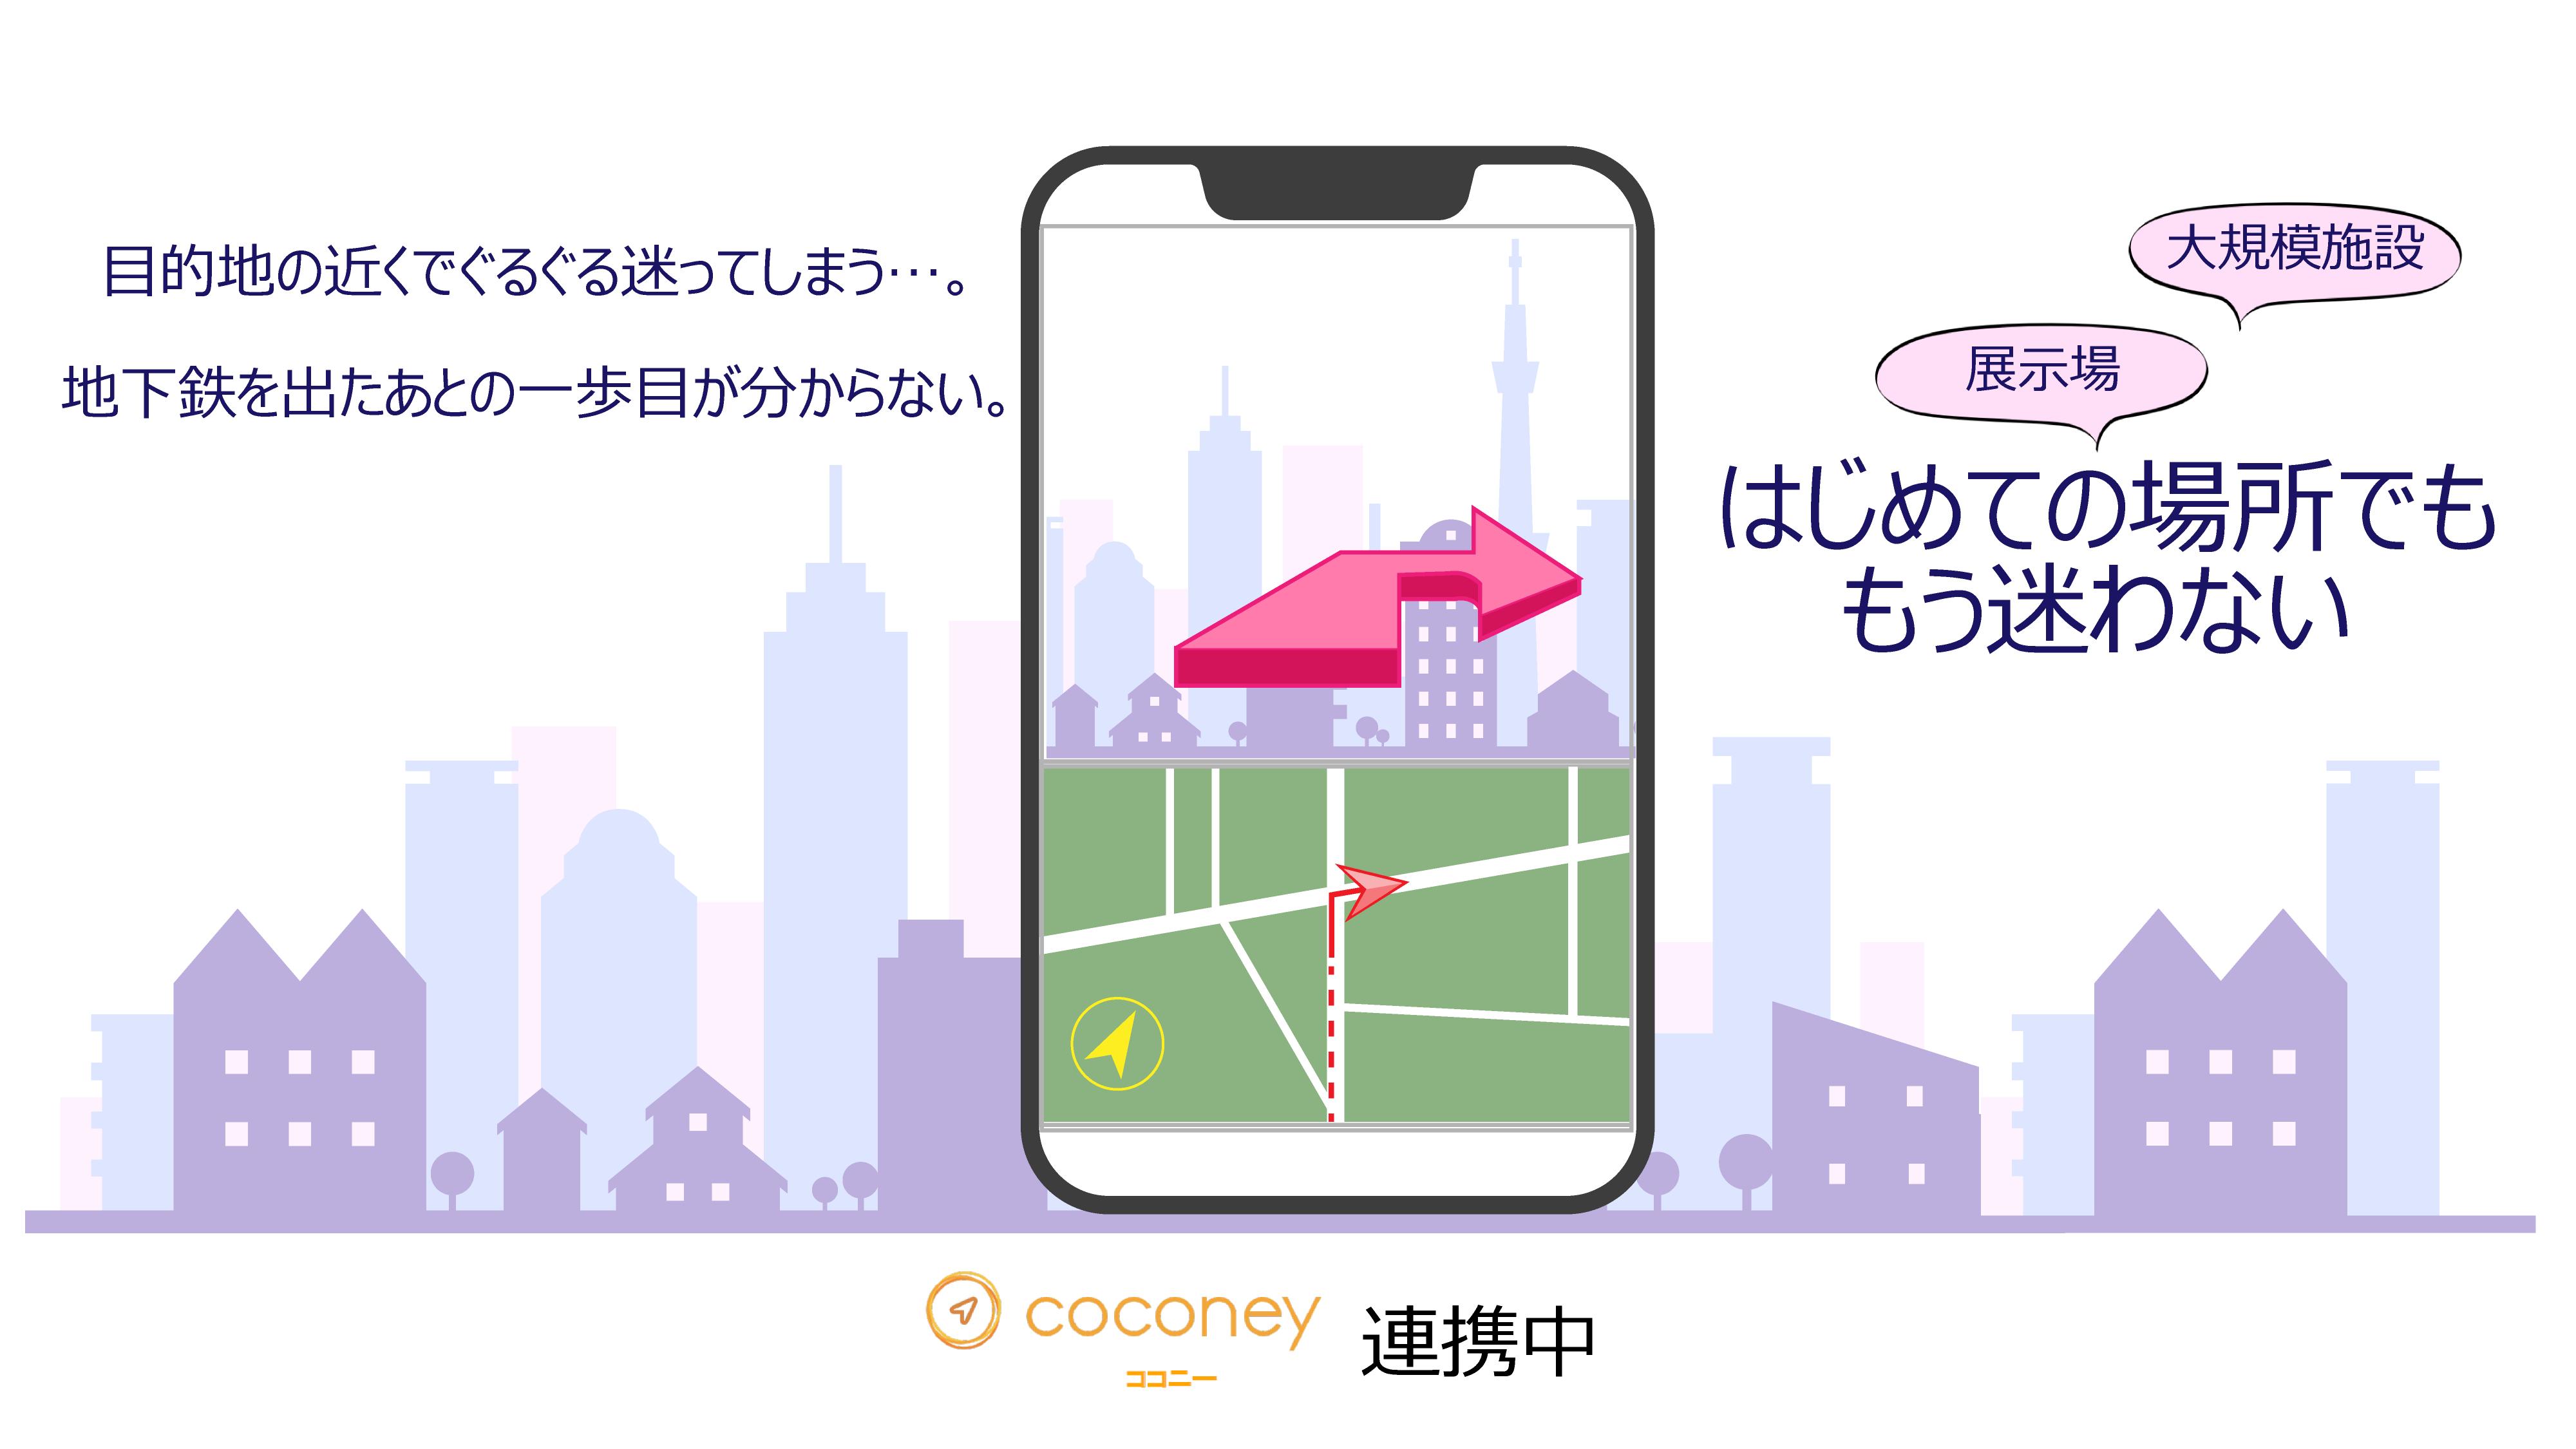 coconey_AR_App